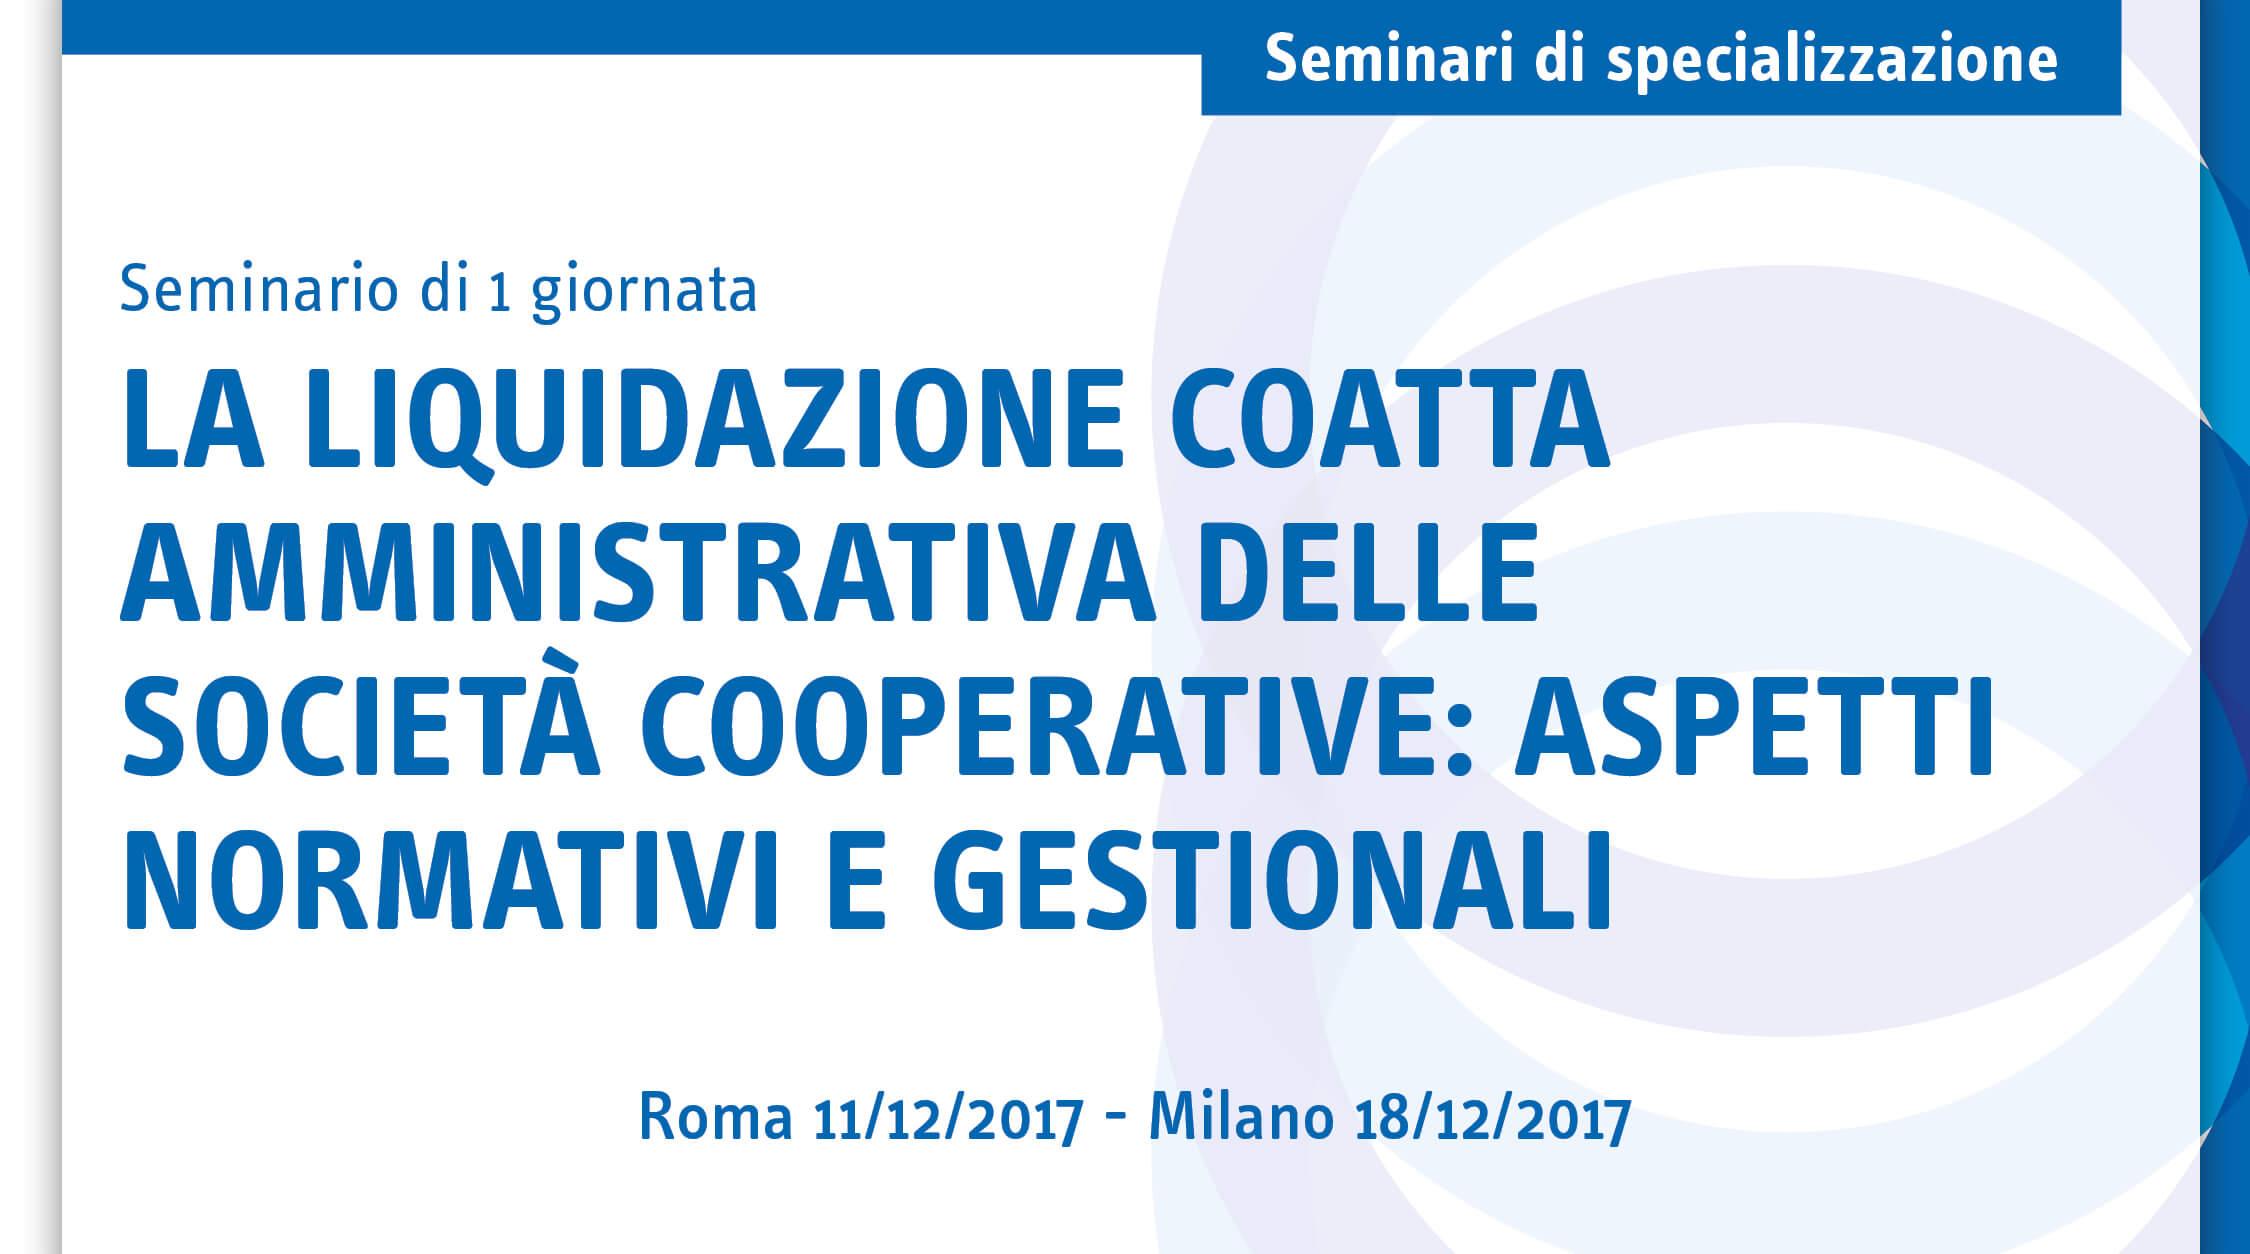 La liquidazione coatta amministrativa delle società cooperative: aspetti normativi e gestionali